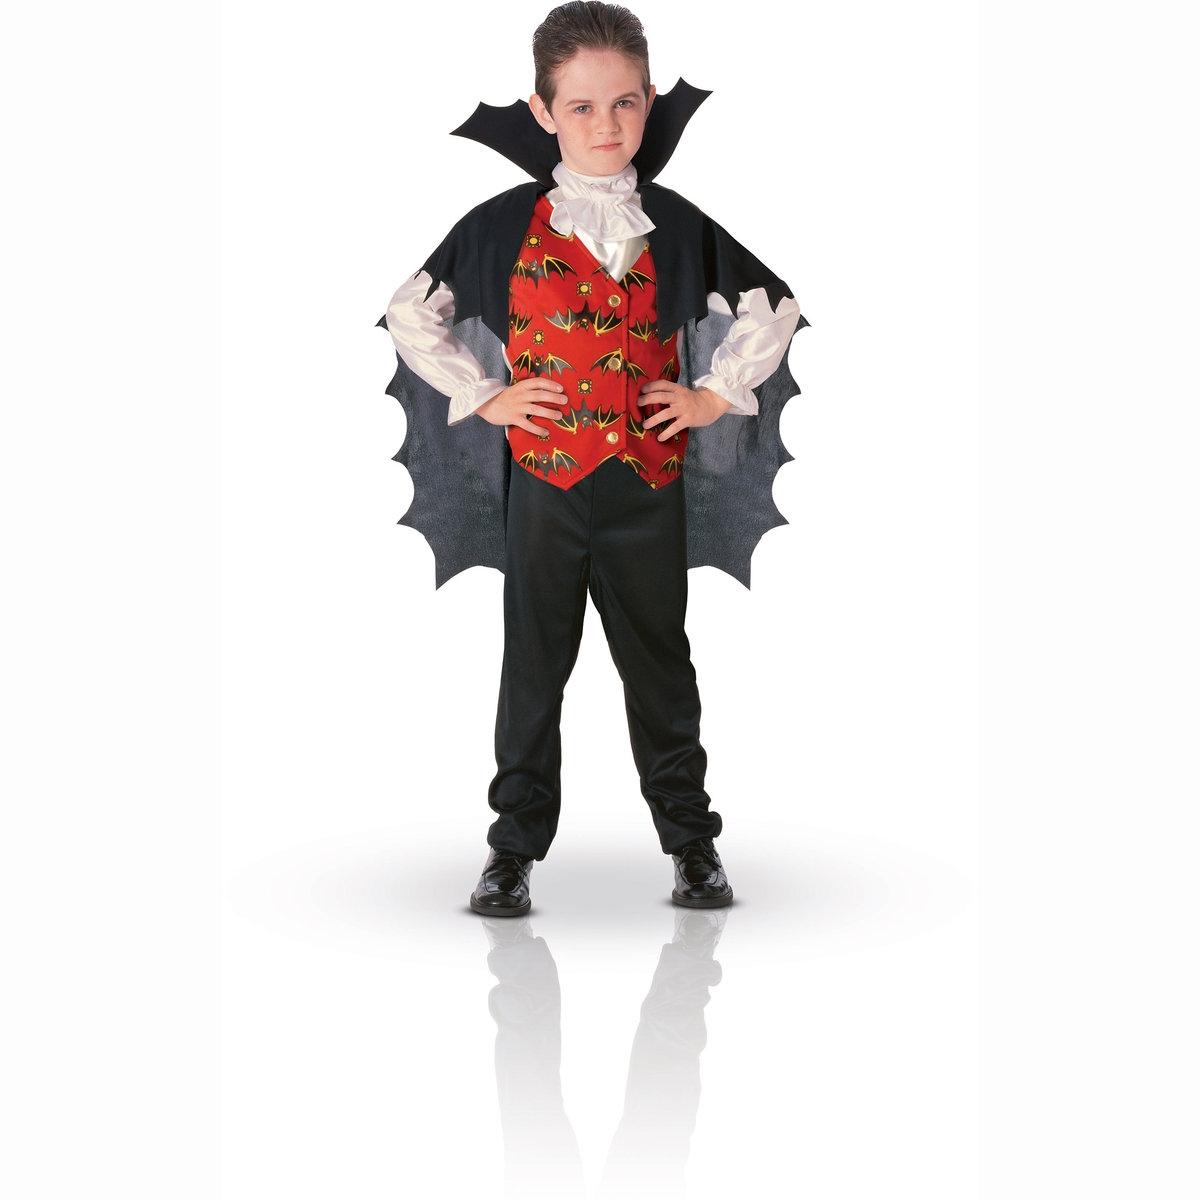 Маскарадный костюм вампираМаскарадный костюм вампира. Верх имитация рубашки,состоящей из 3 предметов, с крыльями летучей мыши на спине. 100% полиэстера.    S: соответствует размеру на  3-4 года. M : соответствует размеру на 5-6 лет. L: соответствует размеру на 7-8 лет<br><br>Цвет: набивной рисунок<br>Размер: M.L